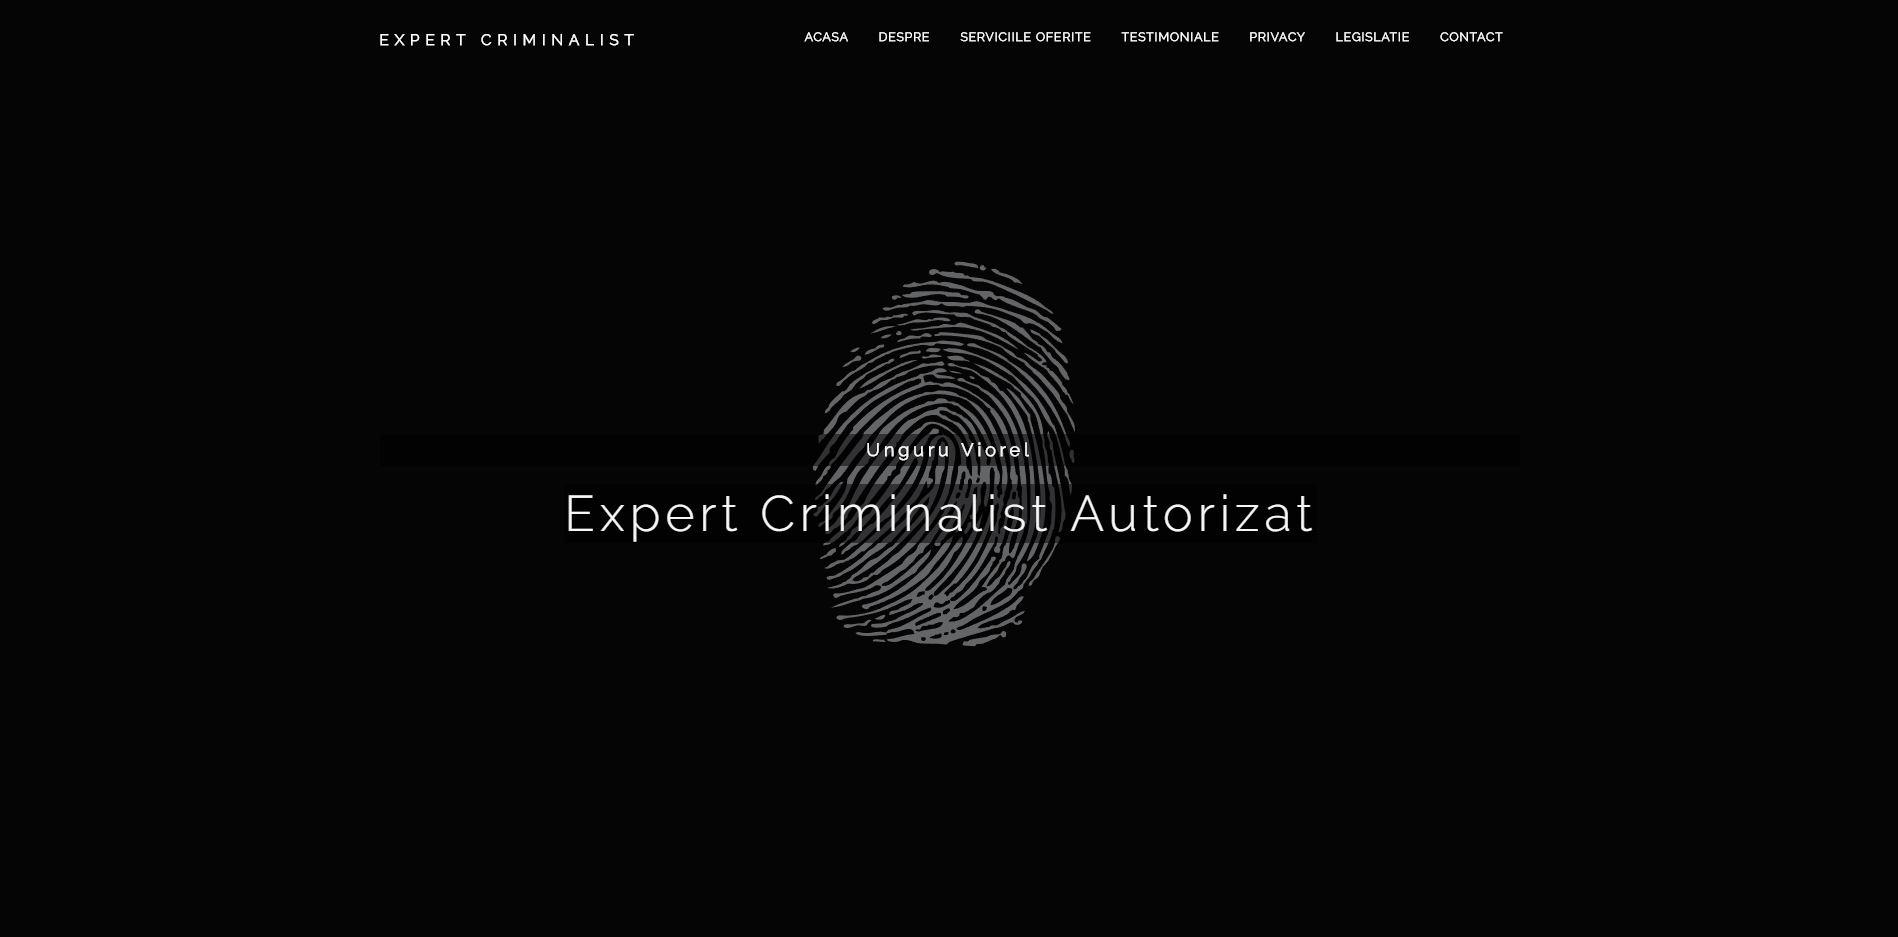 Expertul Criminalist